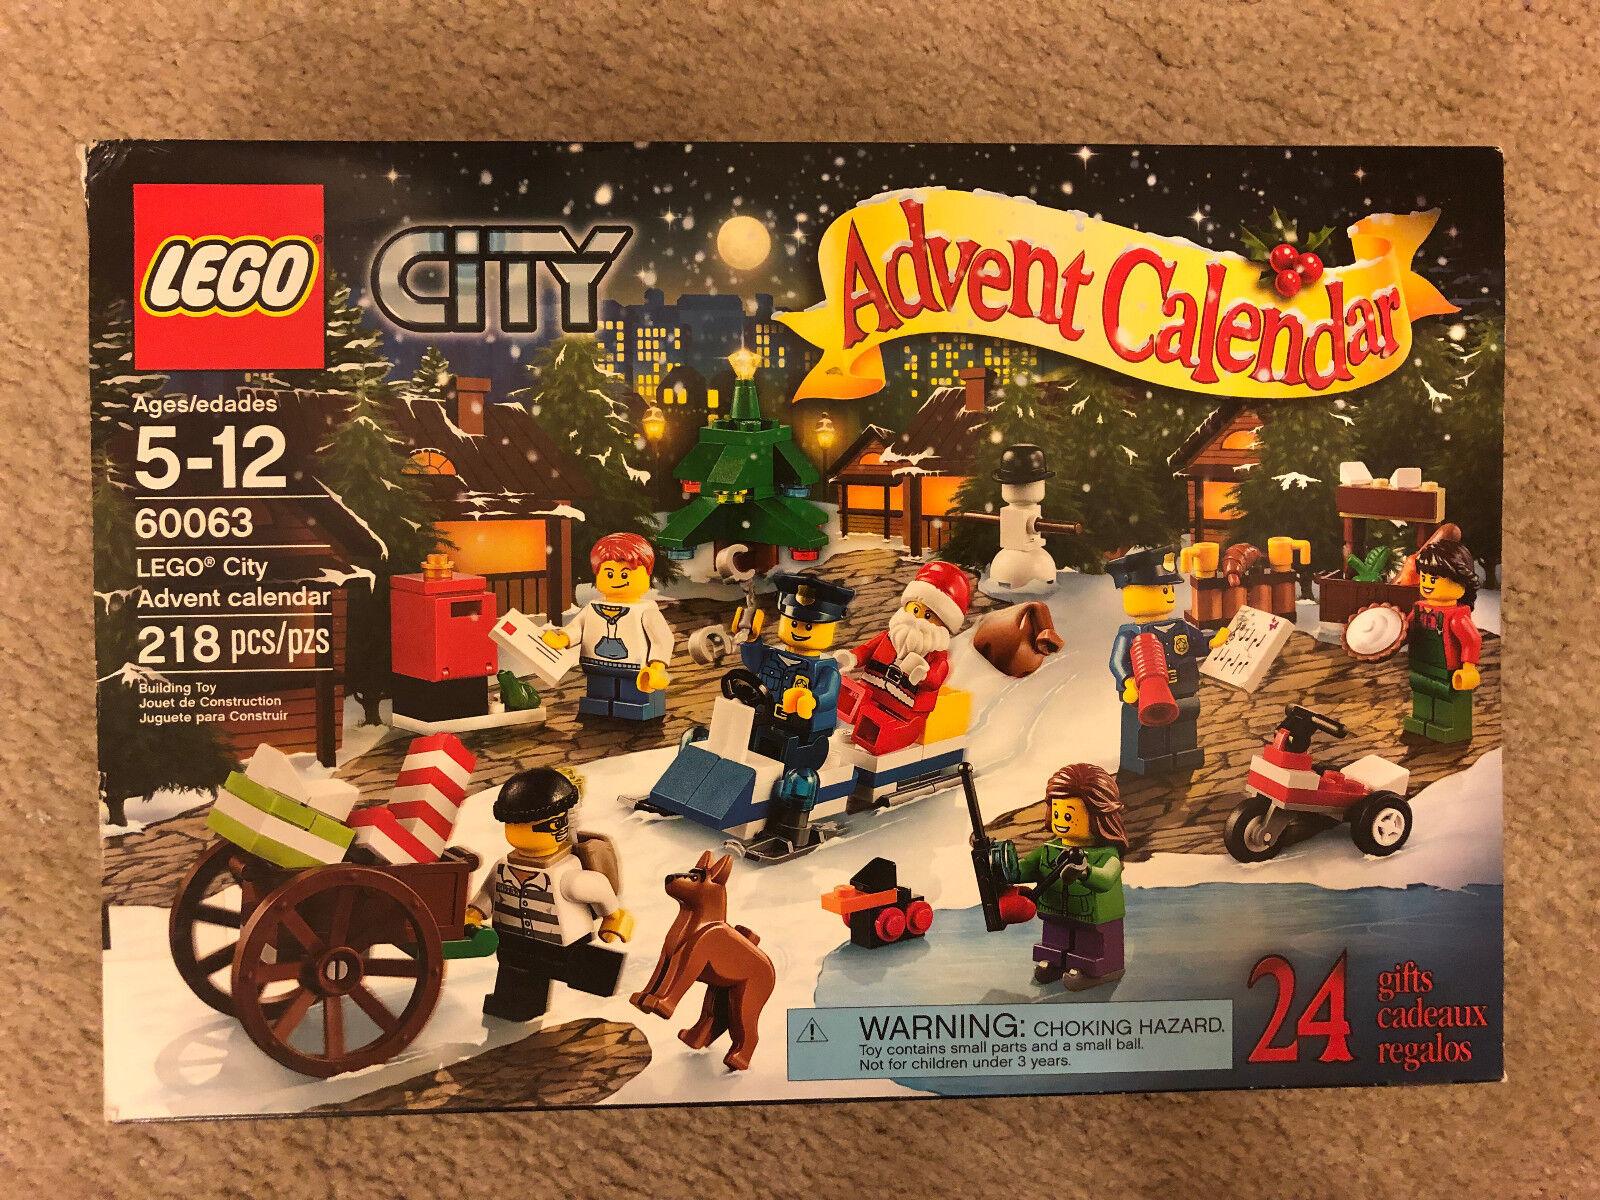 LEGO City 60063 Advent Calendar 2014 Christmas Retirot